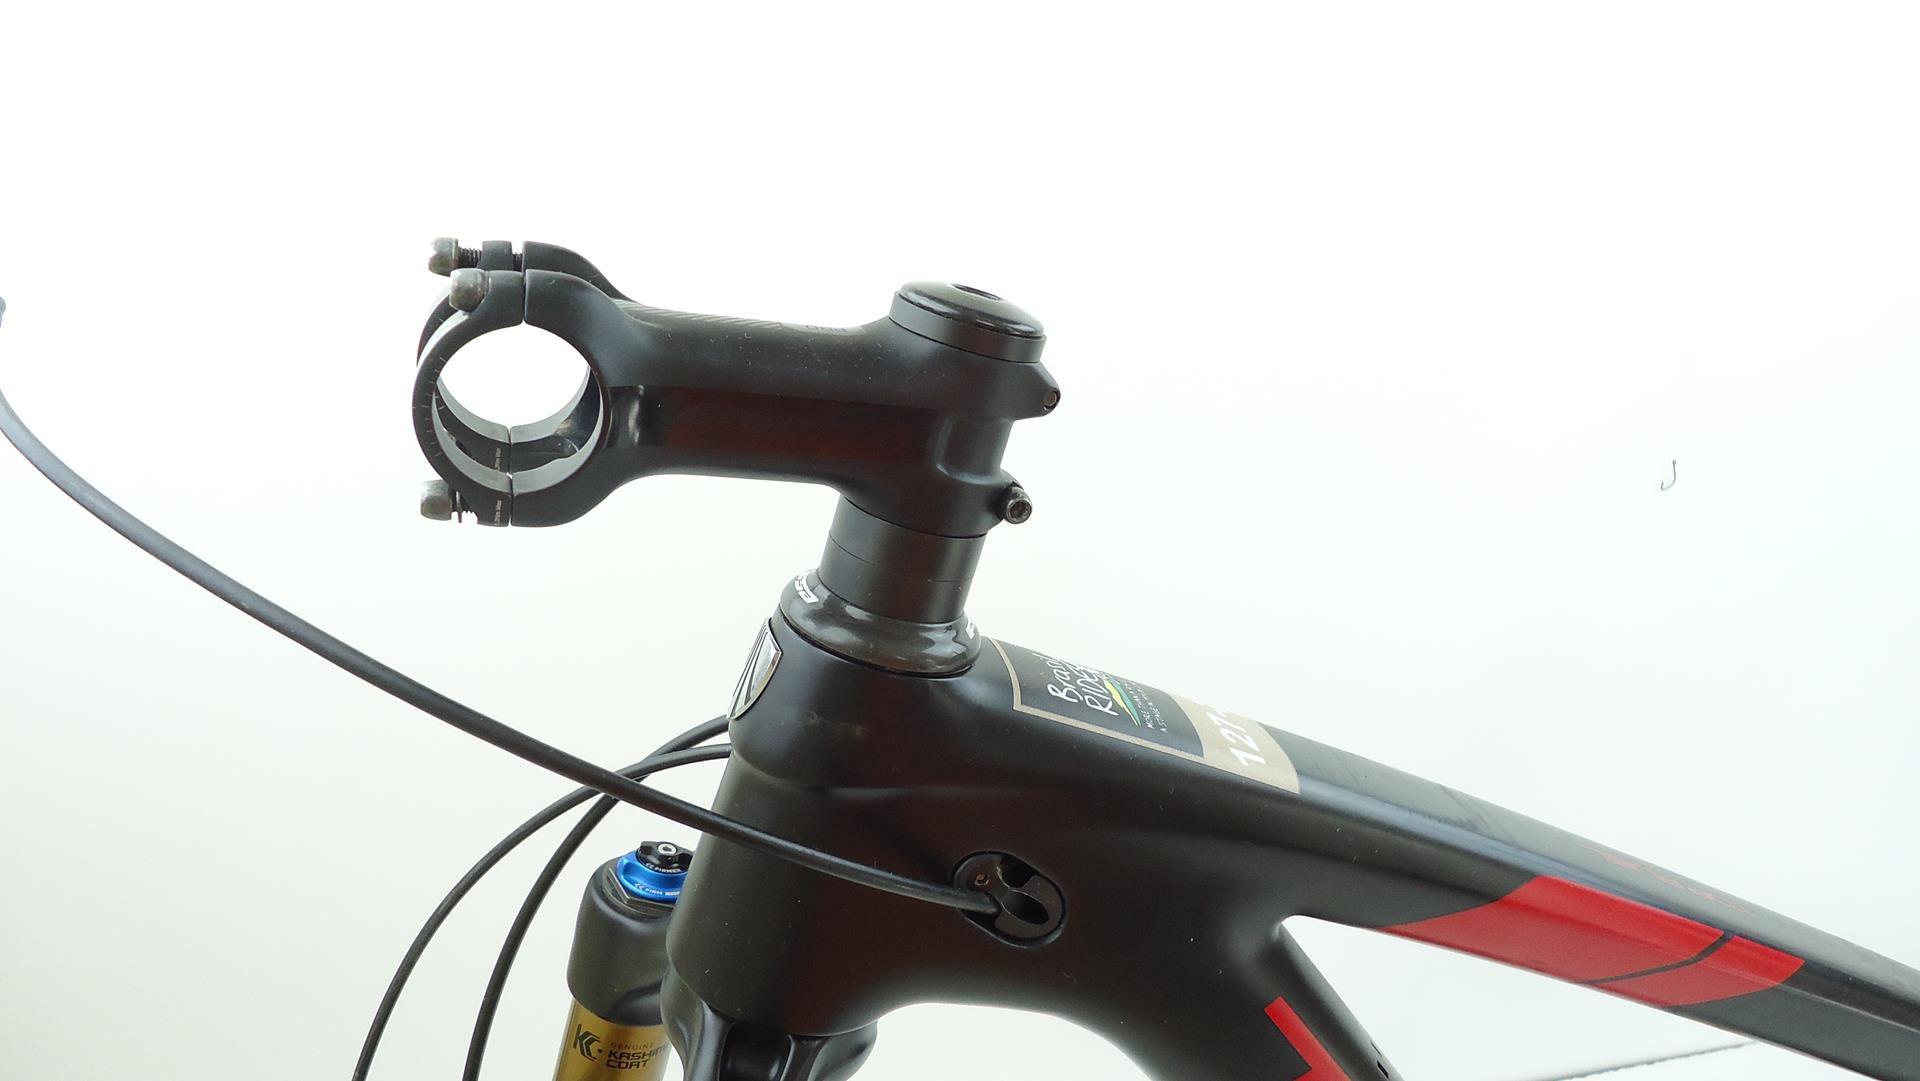 Quadro MTB Trek Top Fuel Carbono 29er Tamanho 17,5 Com FOX SC Factory E Canote Rock Shox Reverb - USADO